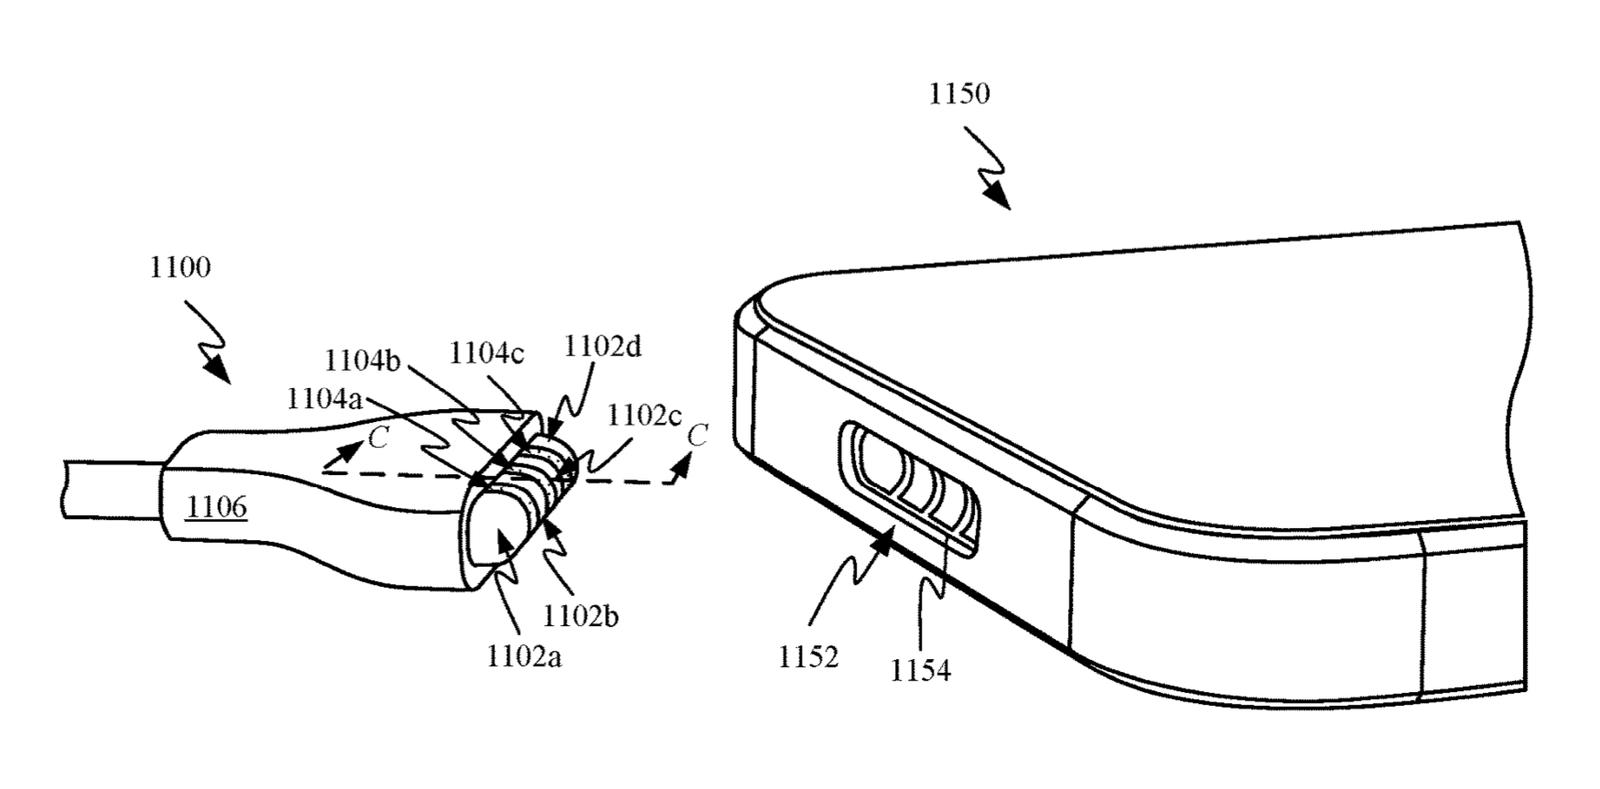 Cổng sạc MagSafe cho iPhone xuất hiện trong bằng sáng chế Apple